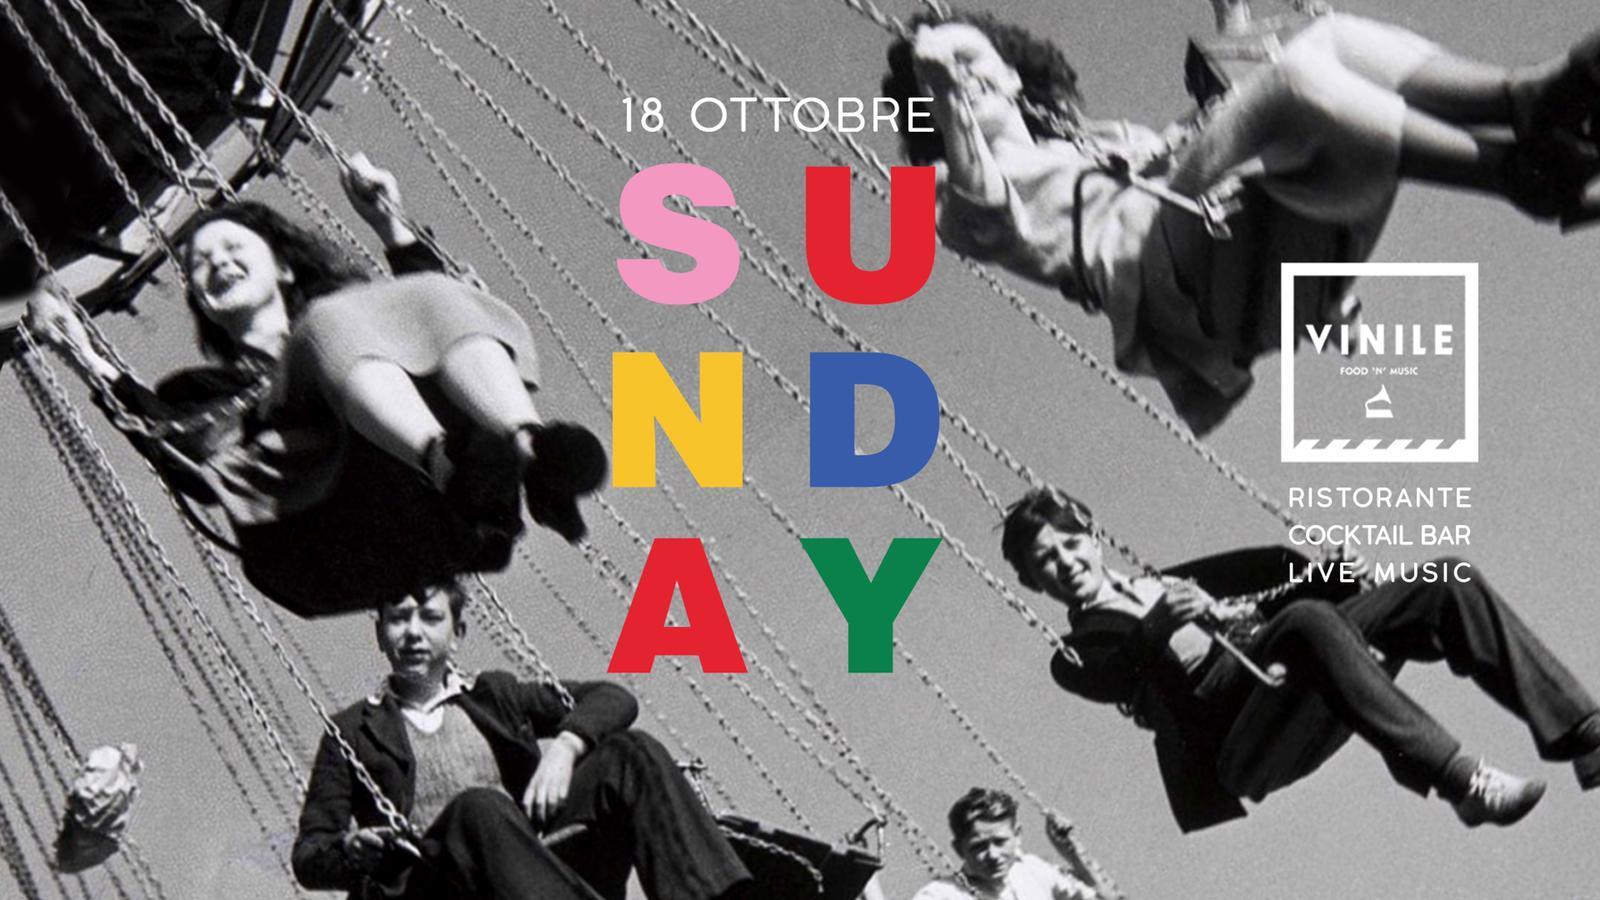 VINILE ROMA domenica 18 ottobre 2020 Aperitivo Cena Live Music